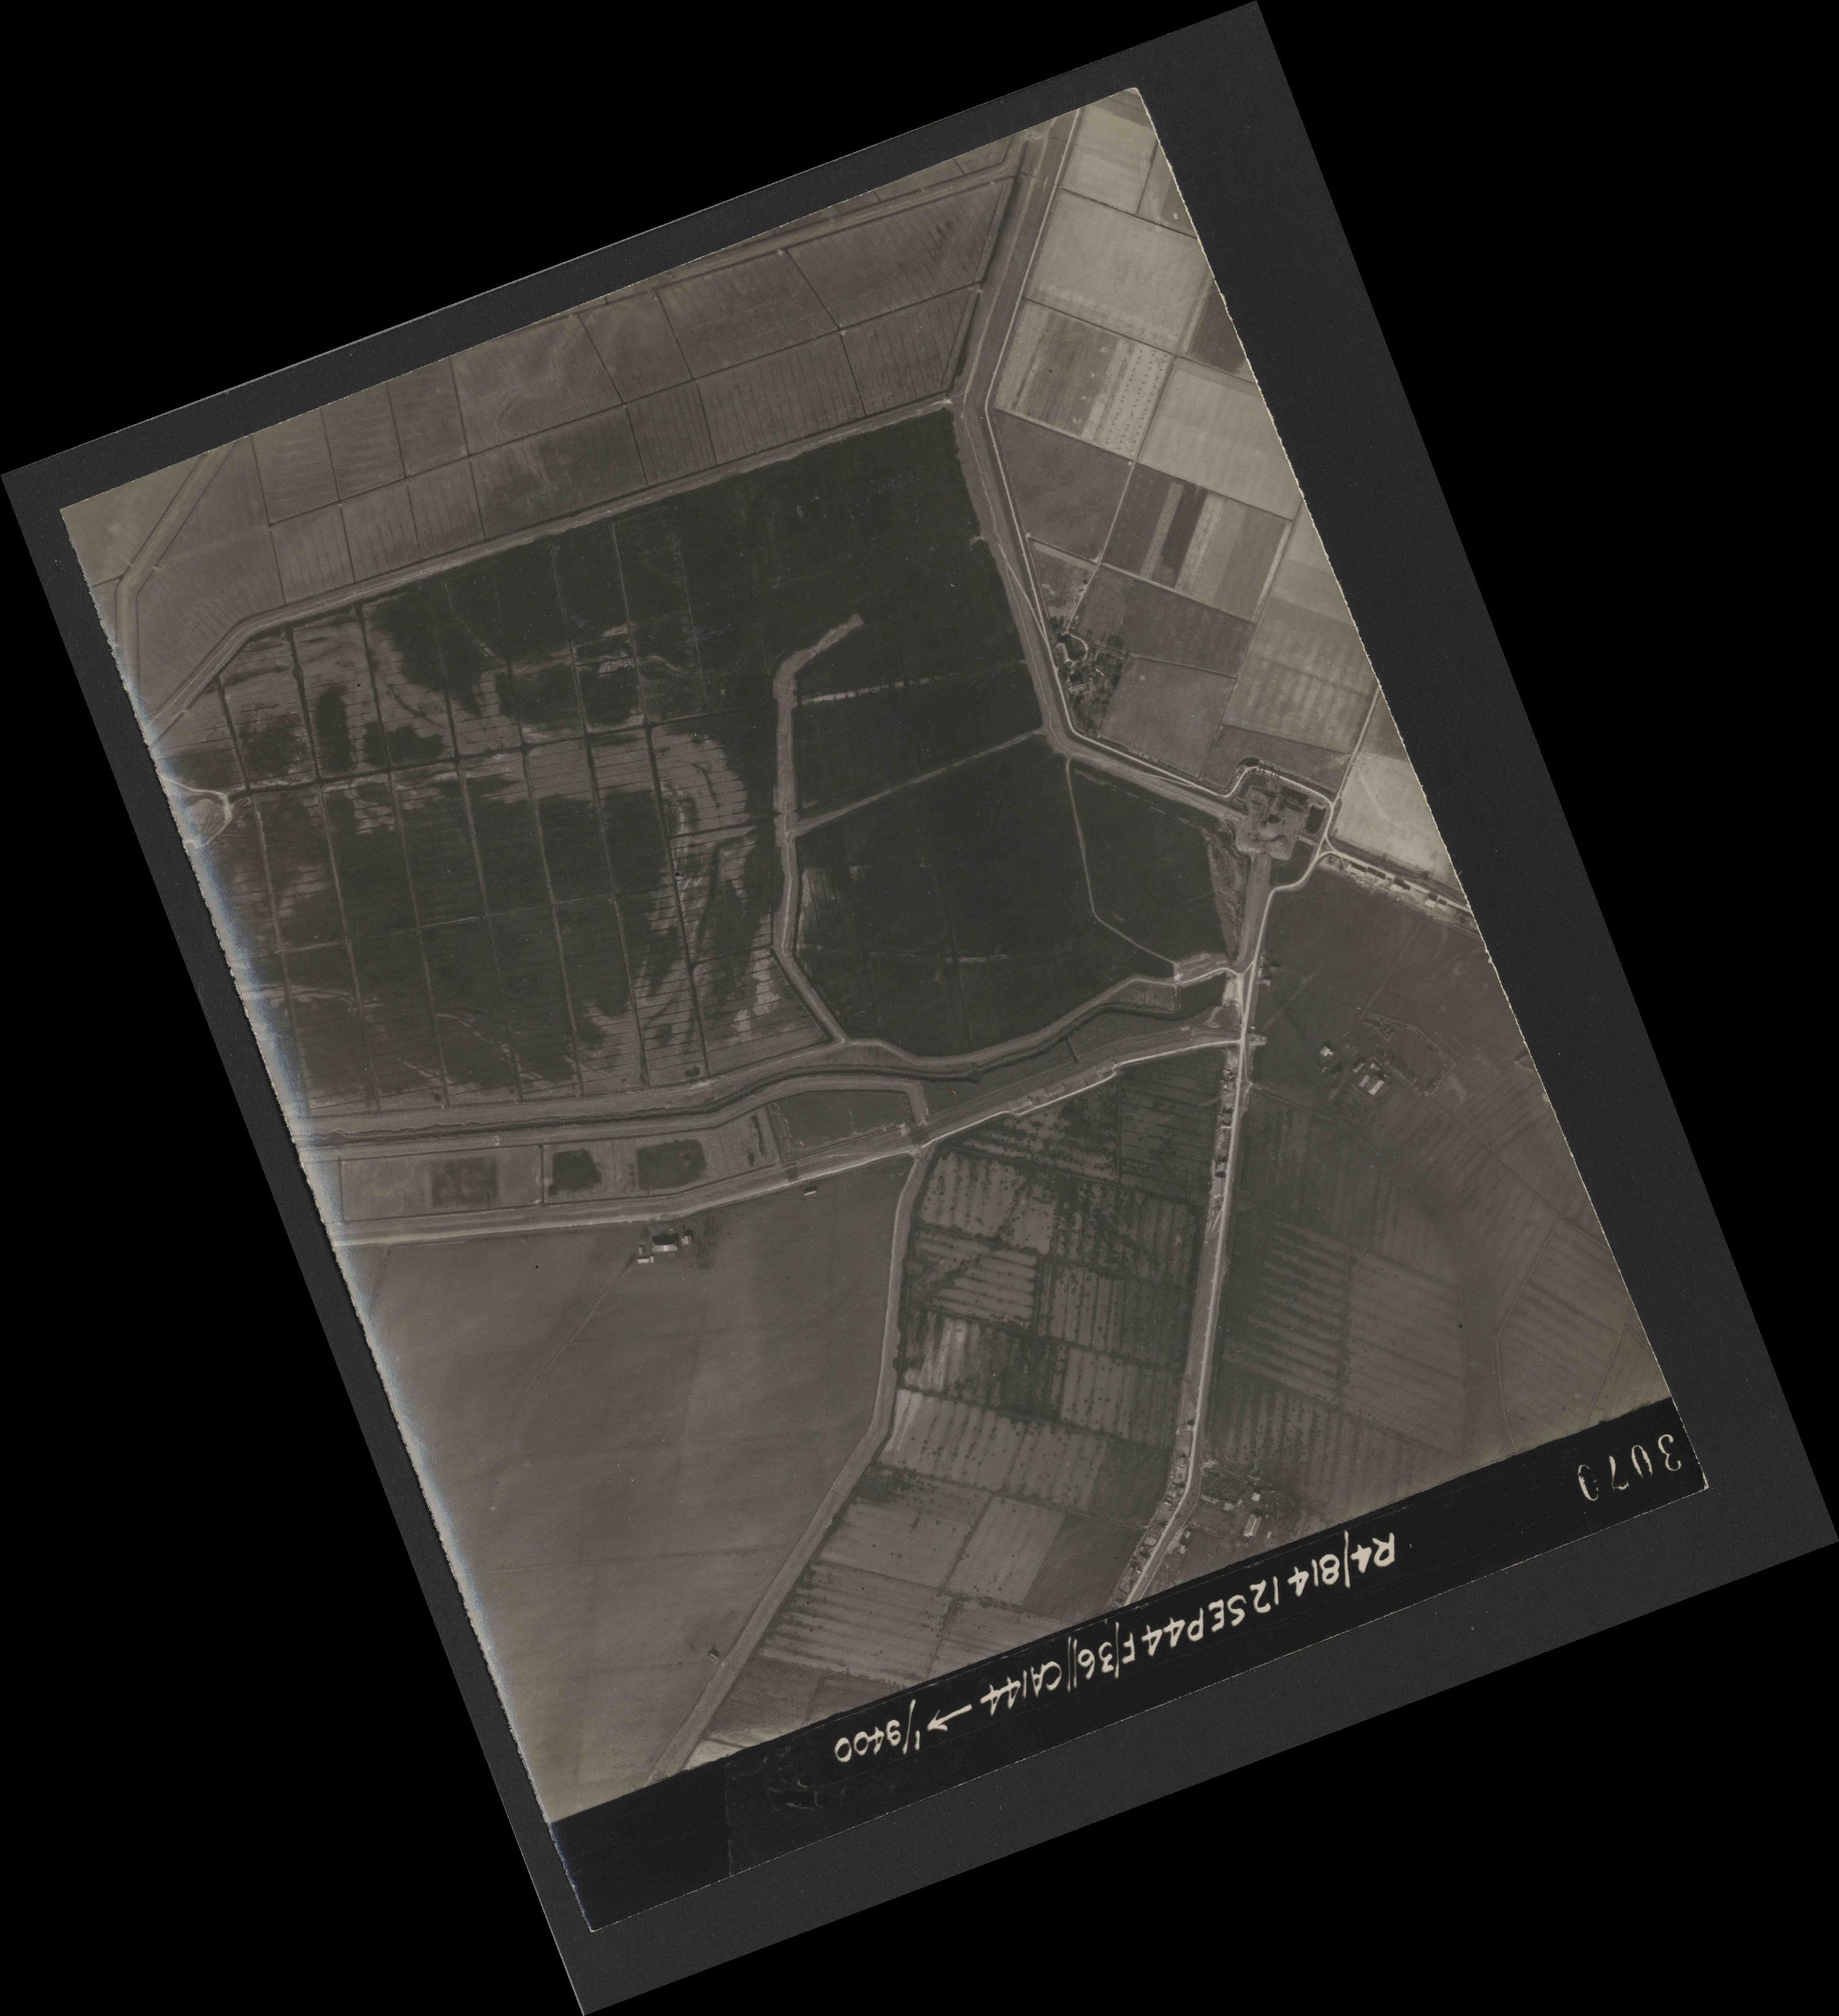 Collection RAF aerial photos 1940-1945 - flight 333, run 01, photo 3070